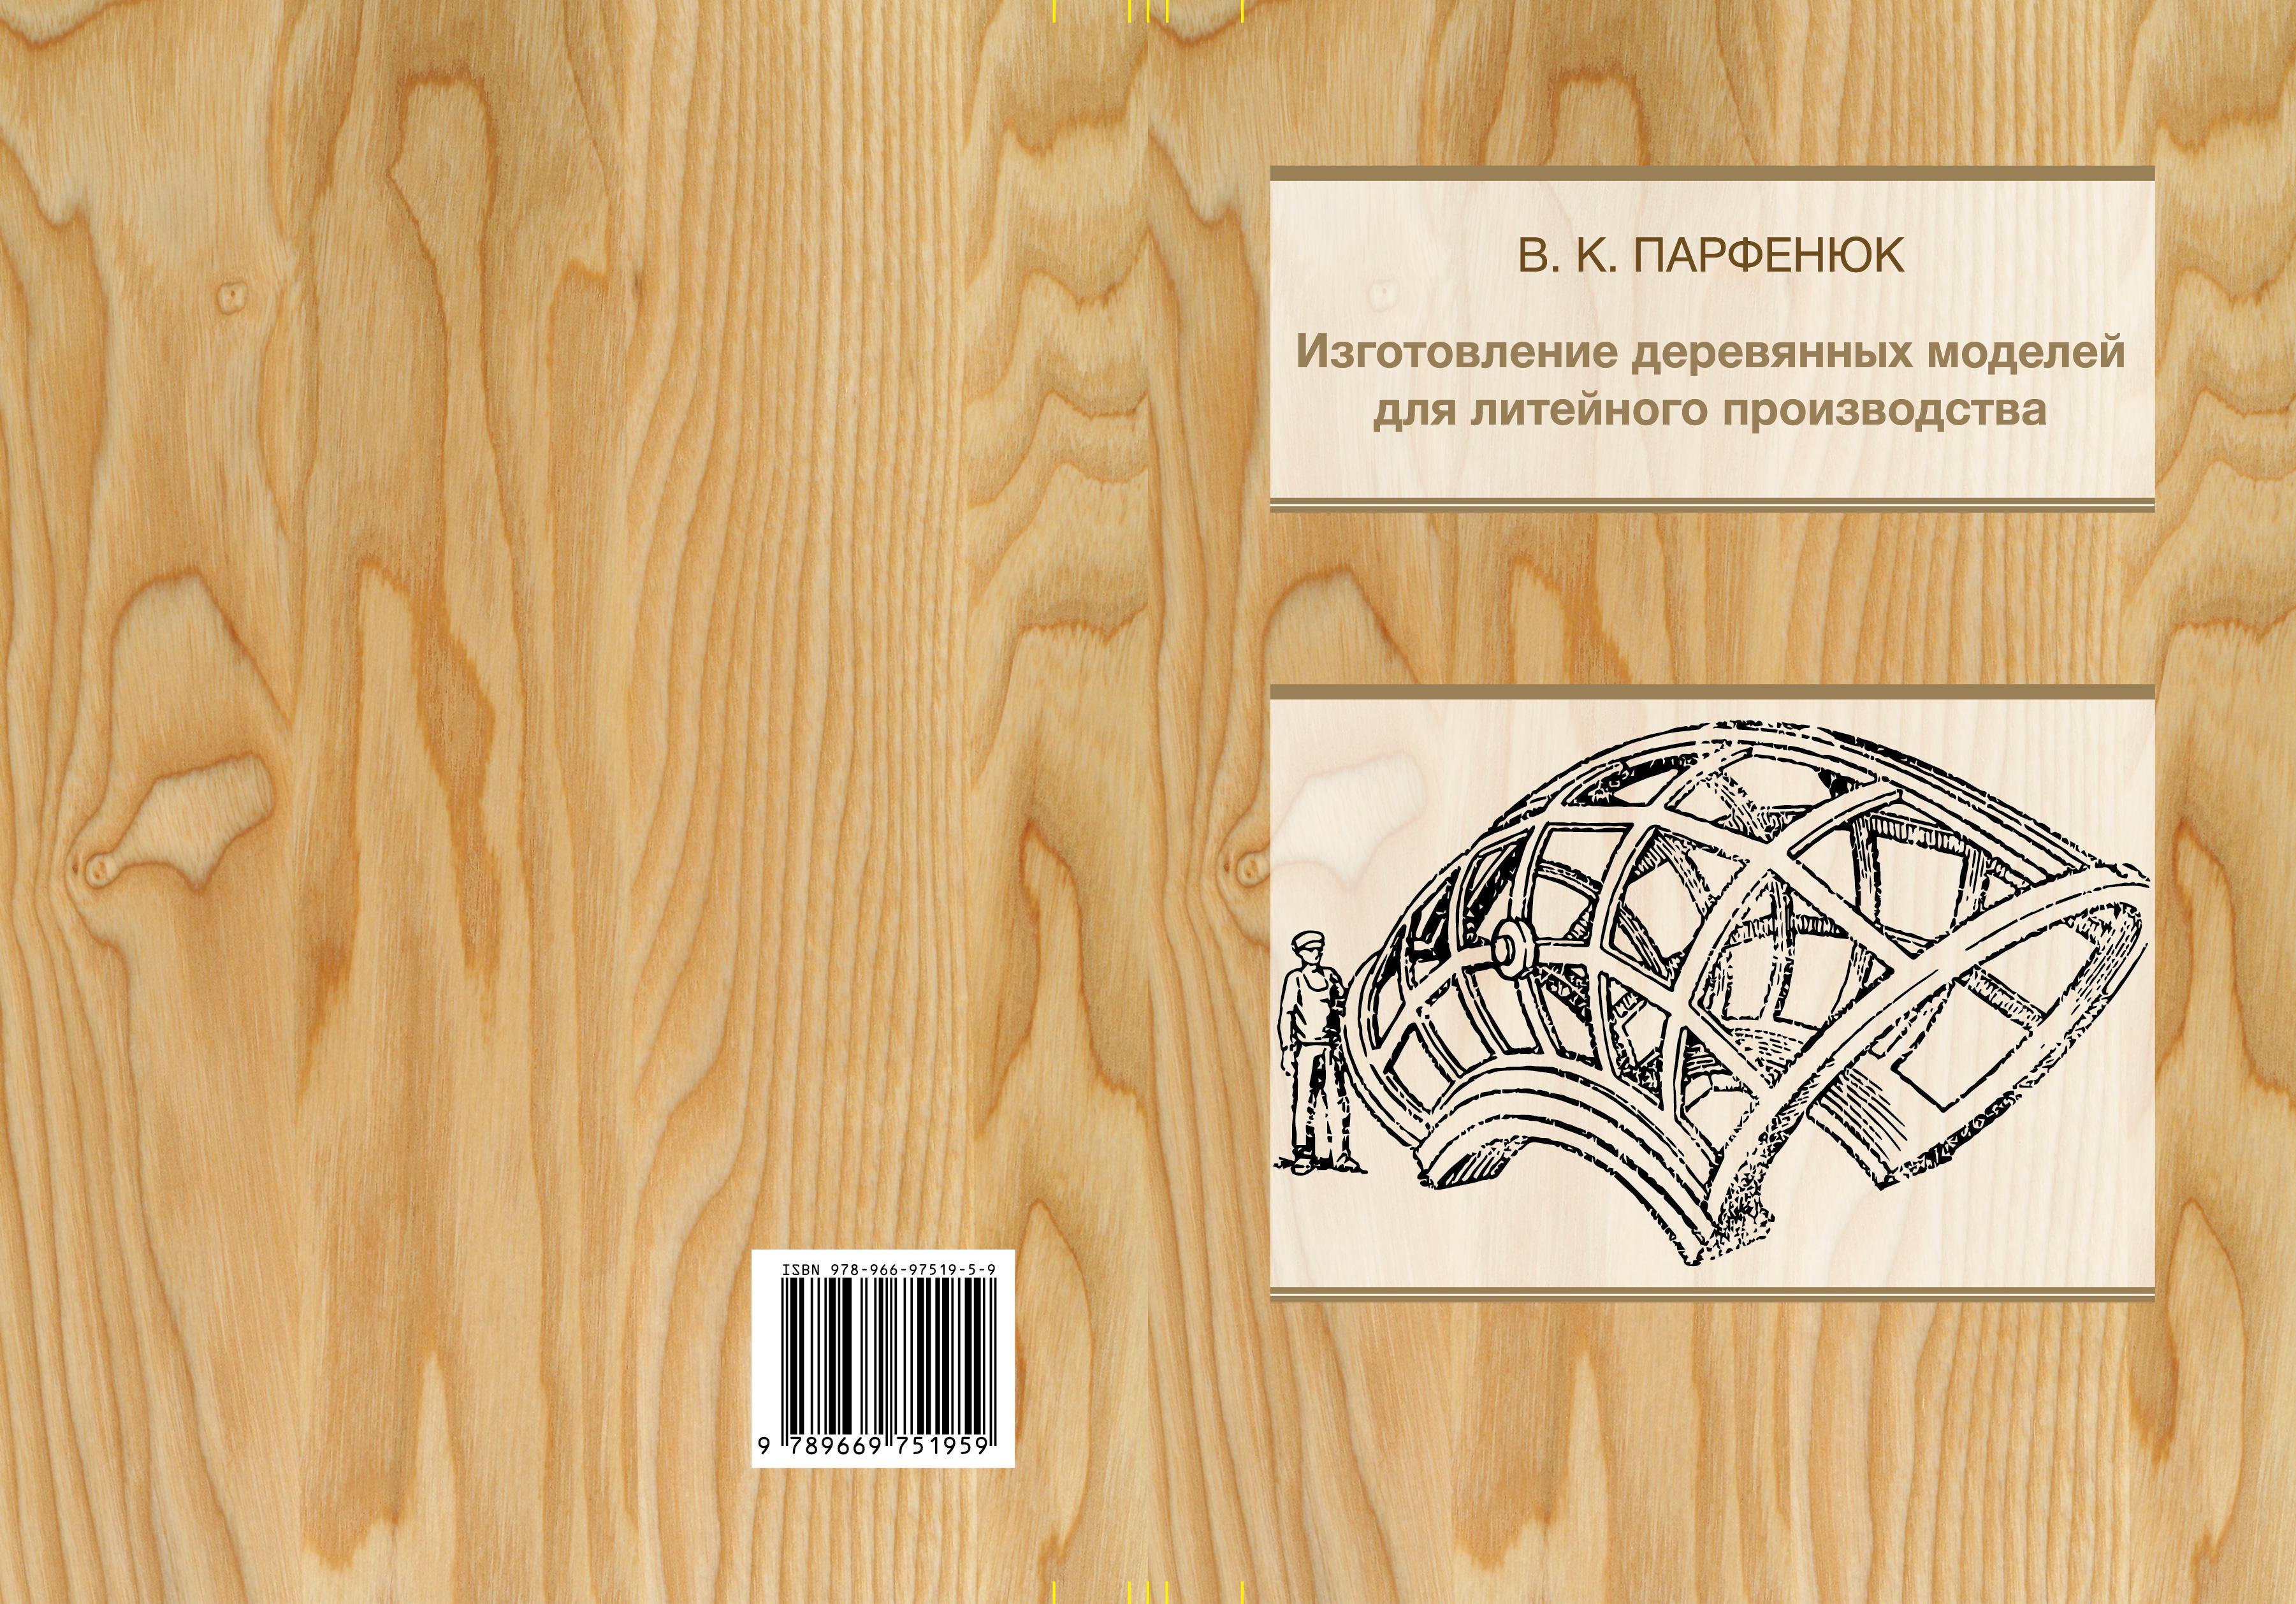 Фото Разработка оригинал-макета книжной обложки.